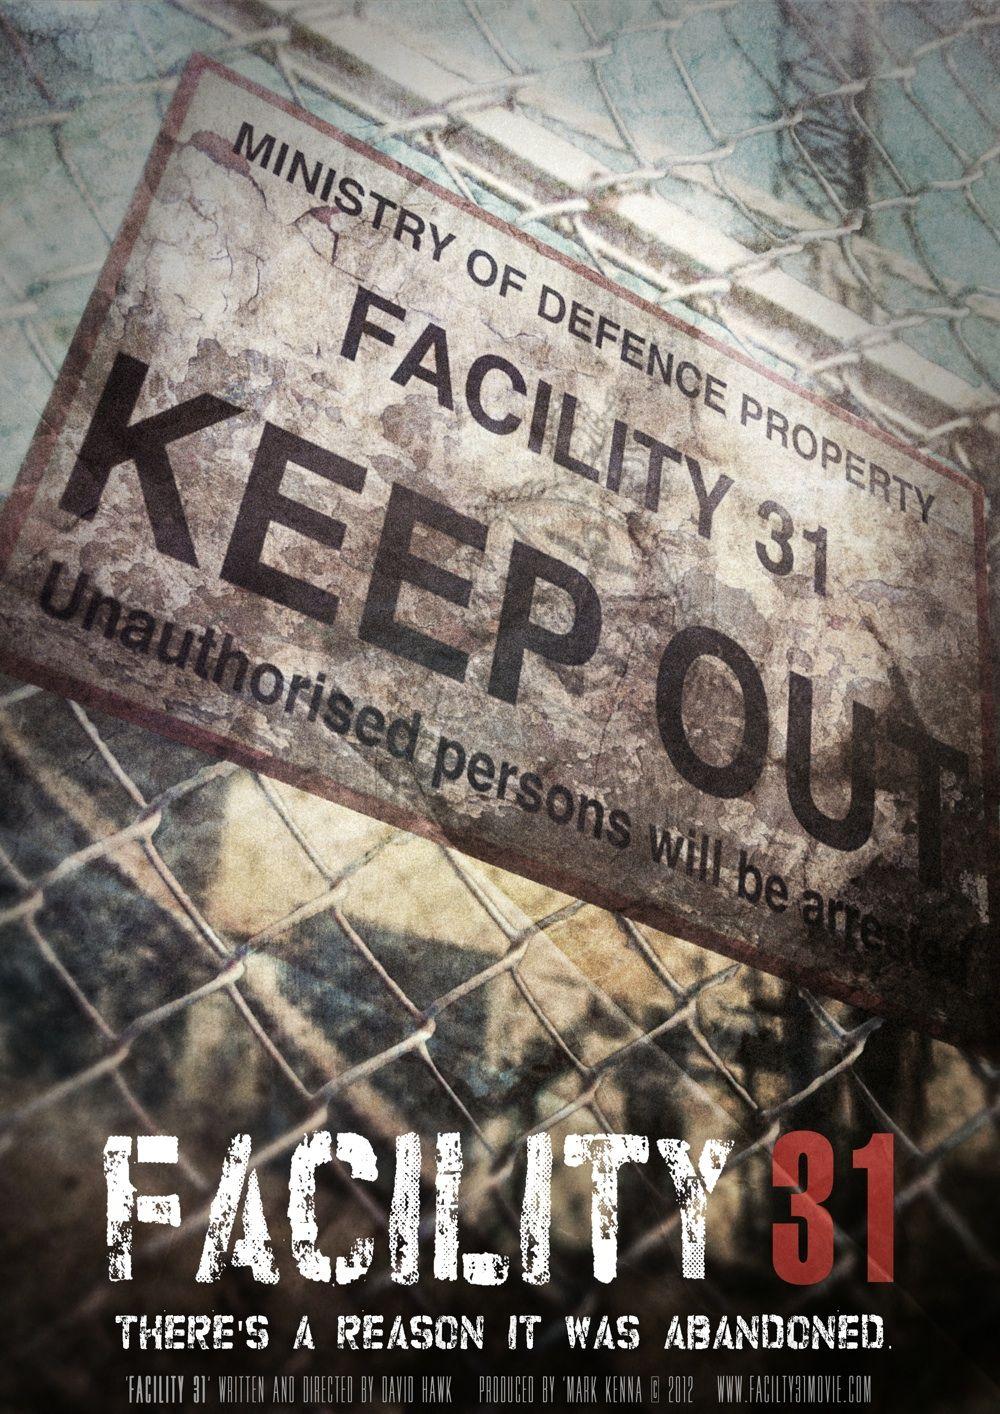 Facility 31